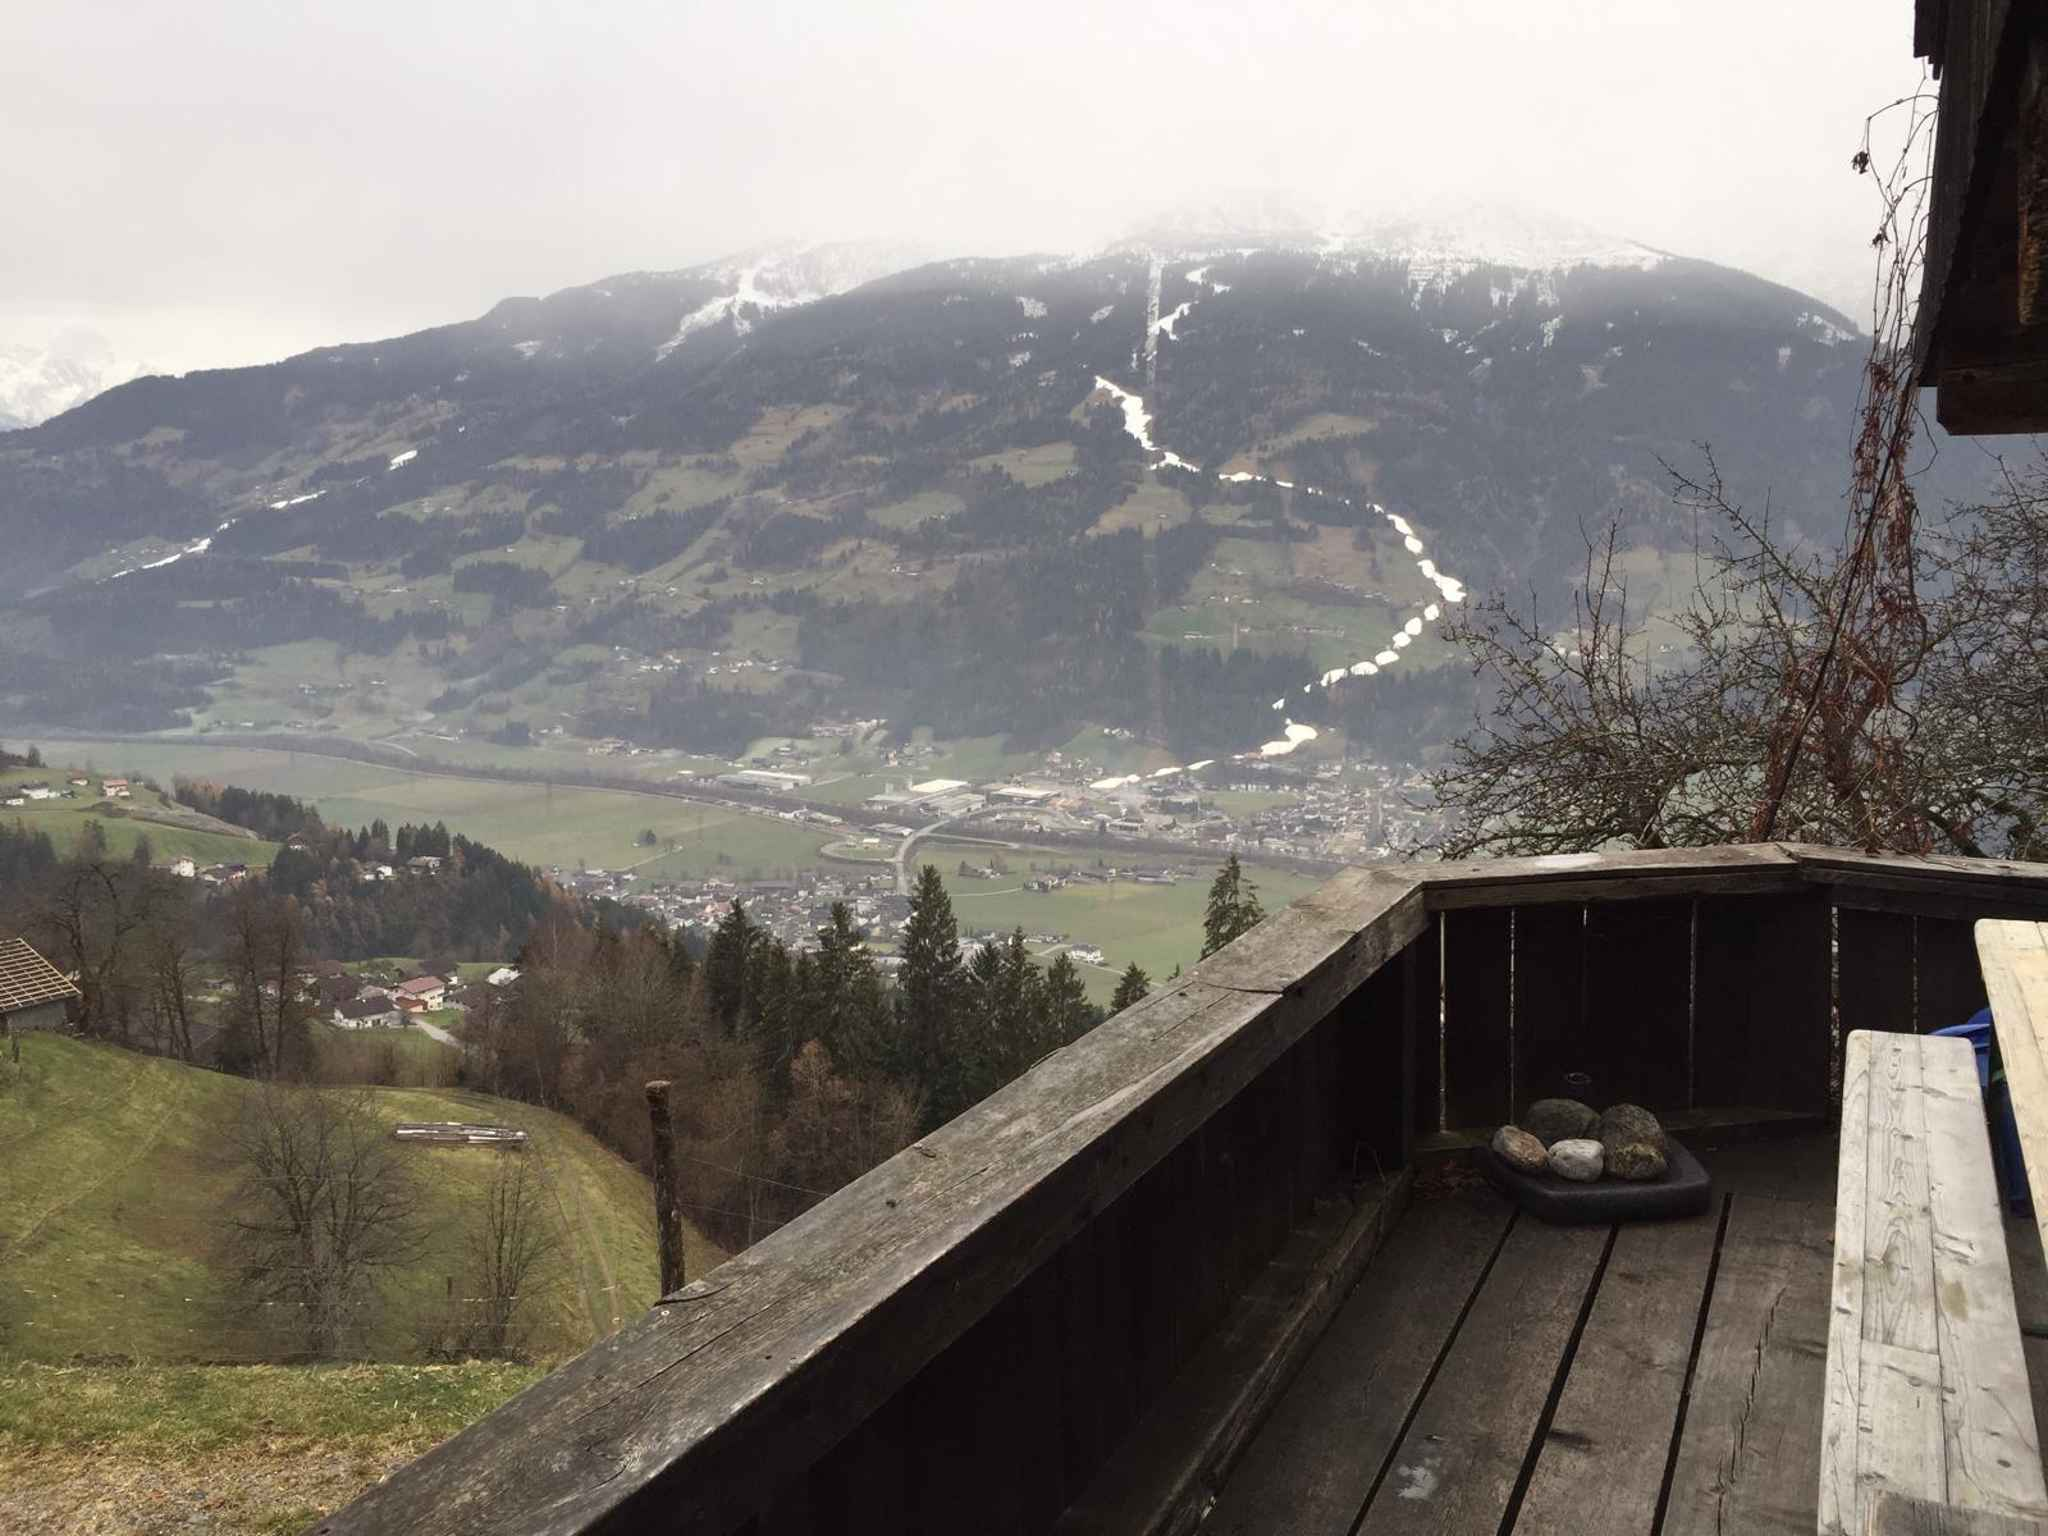 Ferienhaus traditionelles Bauernhaus mit Panorama (283766), Stummerberg, Zillertal, Tirol, Österreich, Bild 12